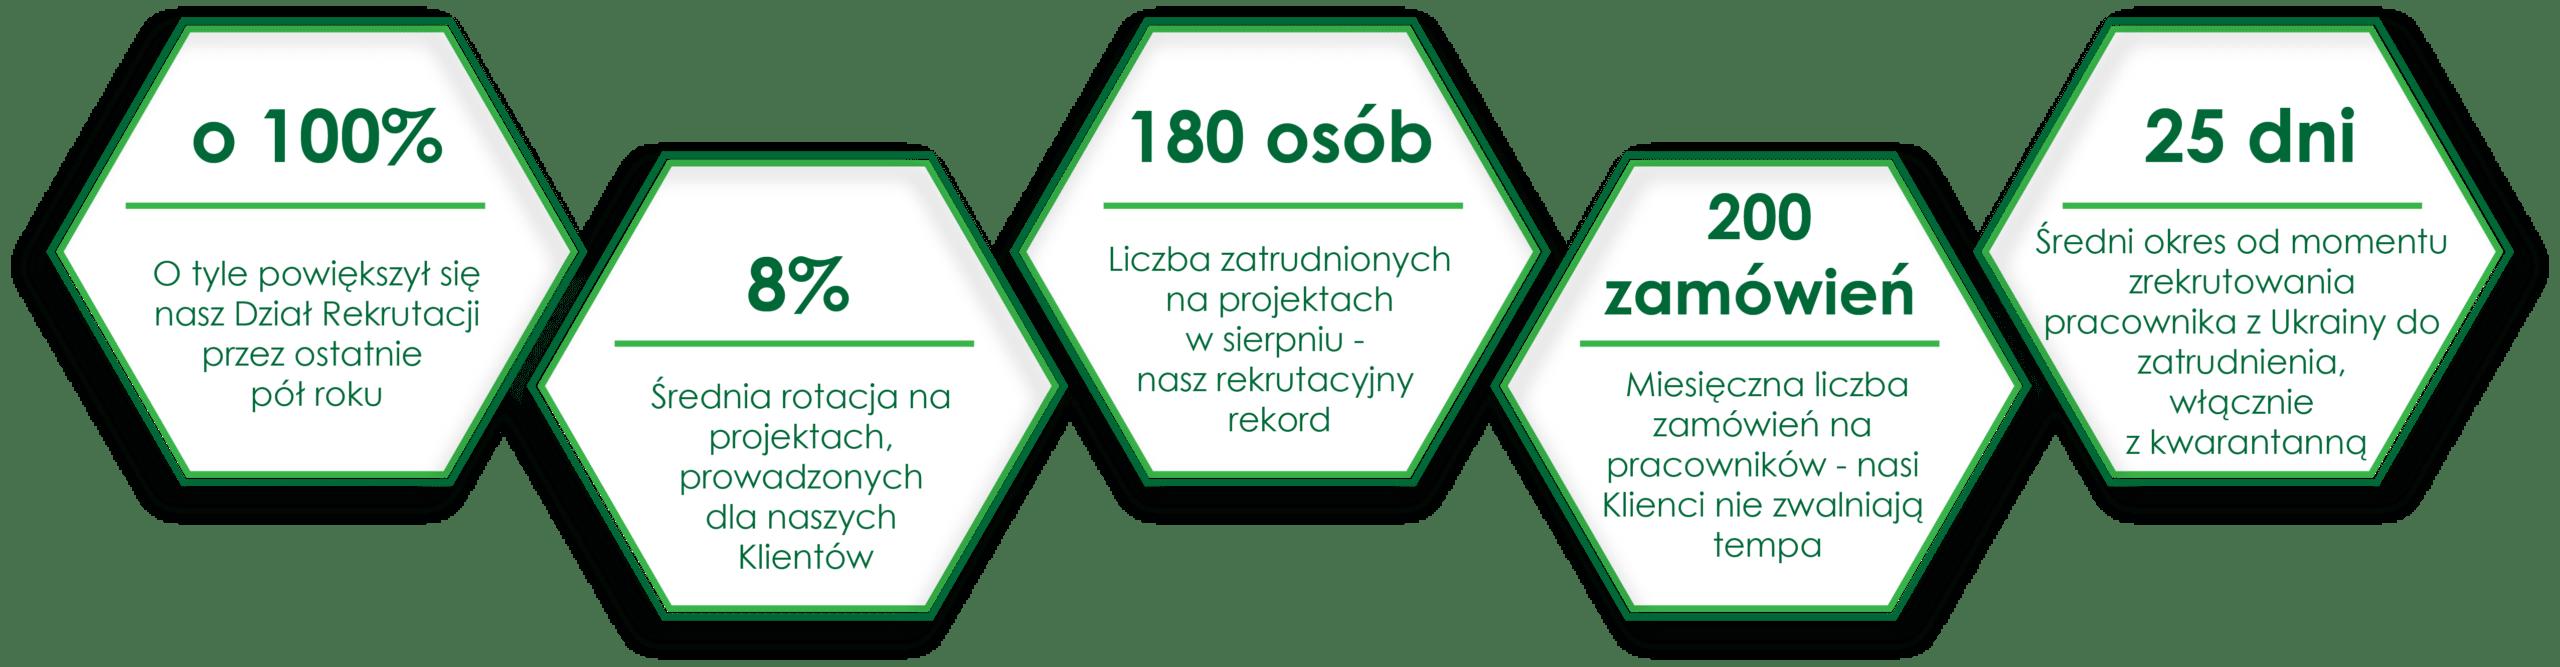 Agencja zatrudnienia AB OVO Solutions - infografika